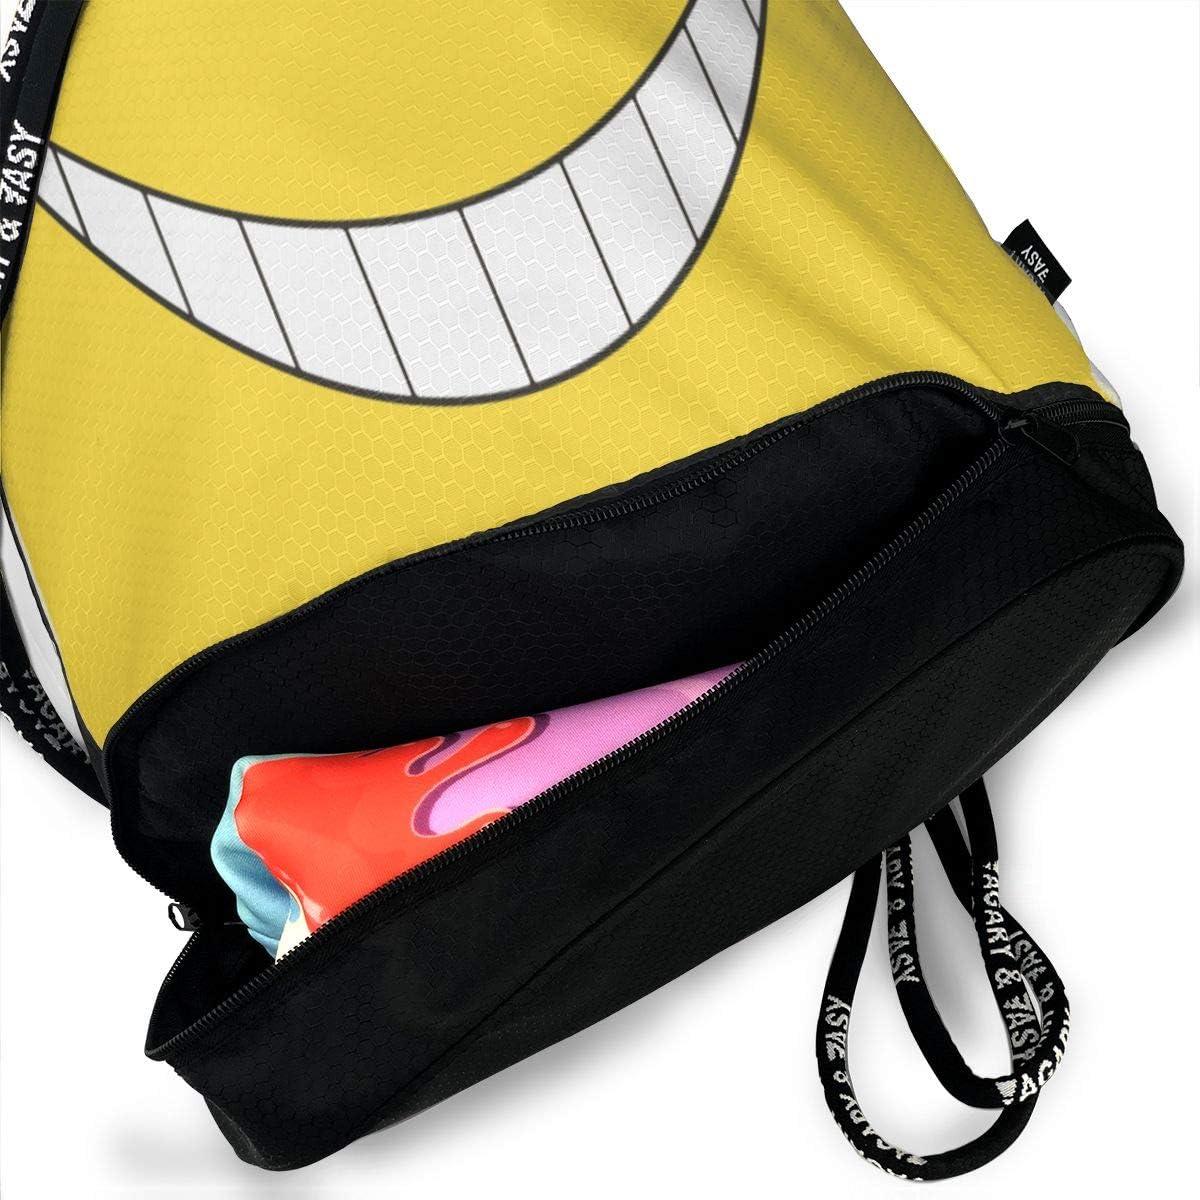 Assassination Classroom Drawstring Bag Multifunction Light For Sports